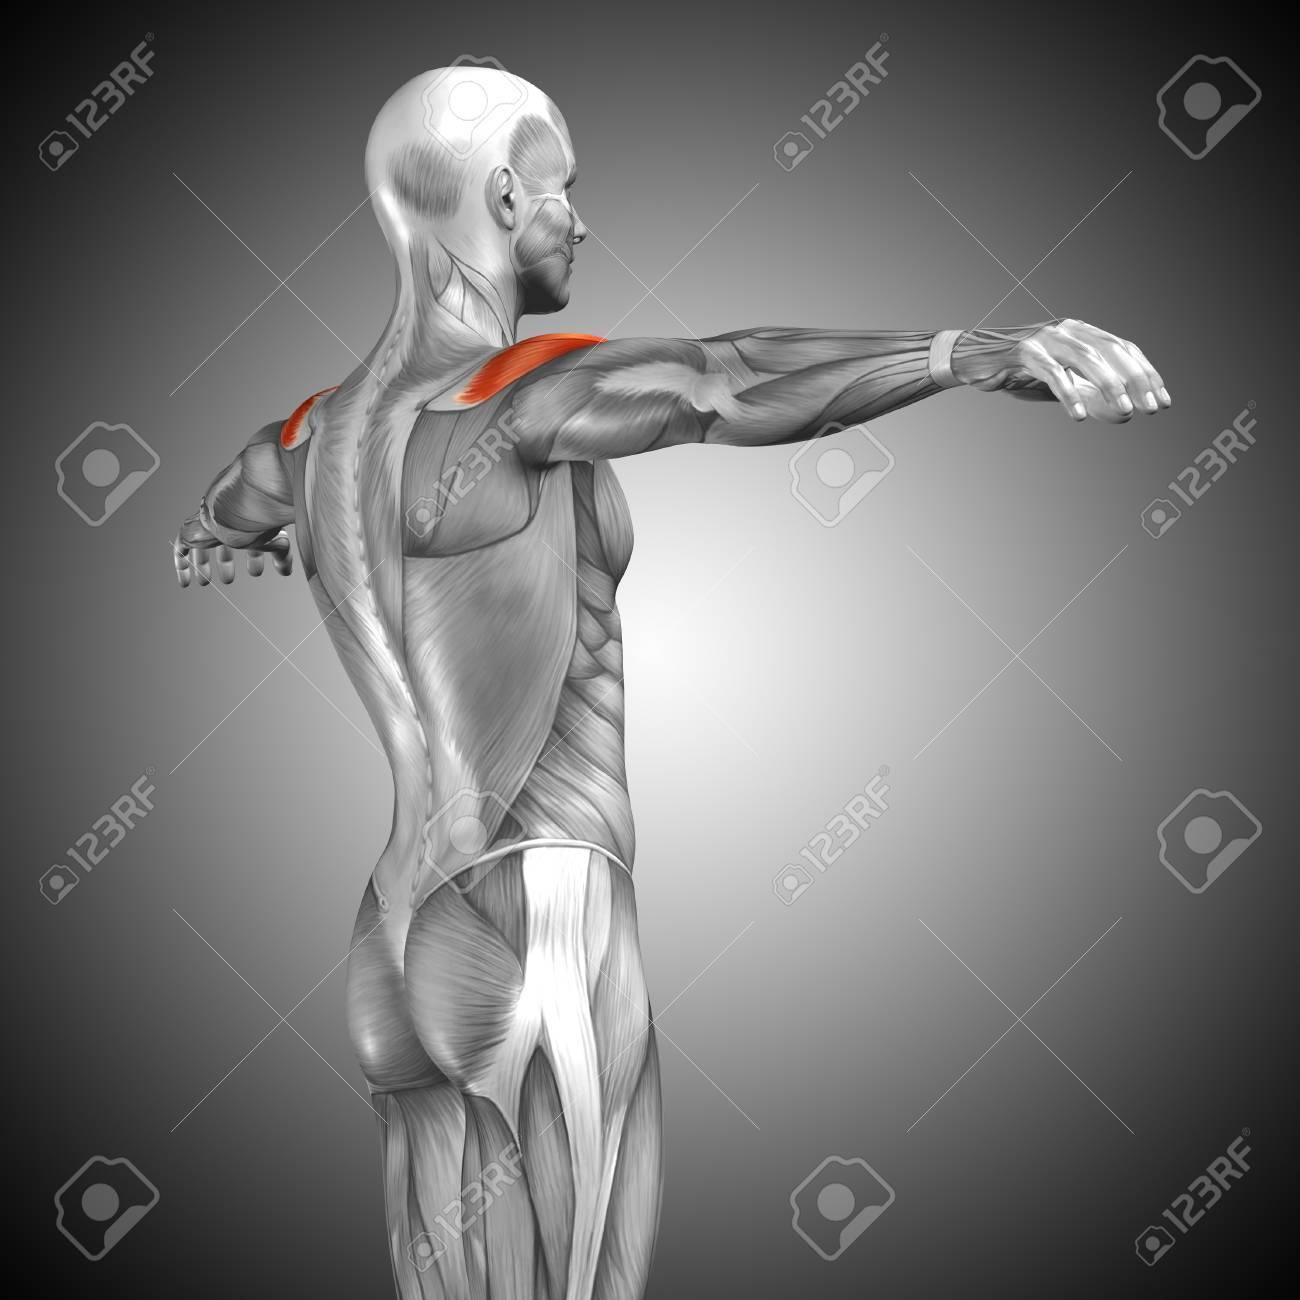 Bonito Comprar La Anatomía Grises Imagen - Imágenes de Anatomía ...